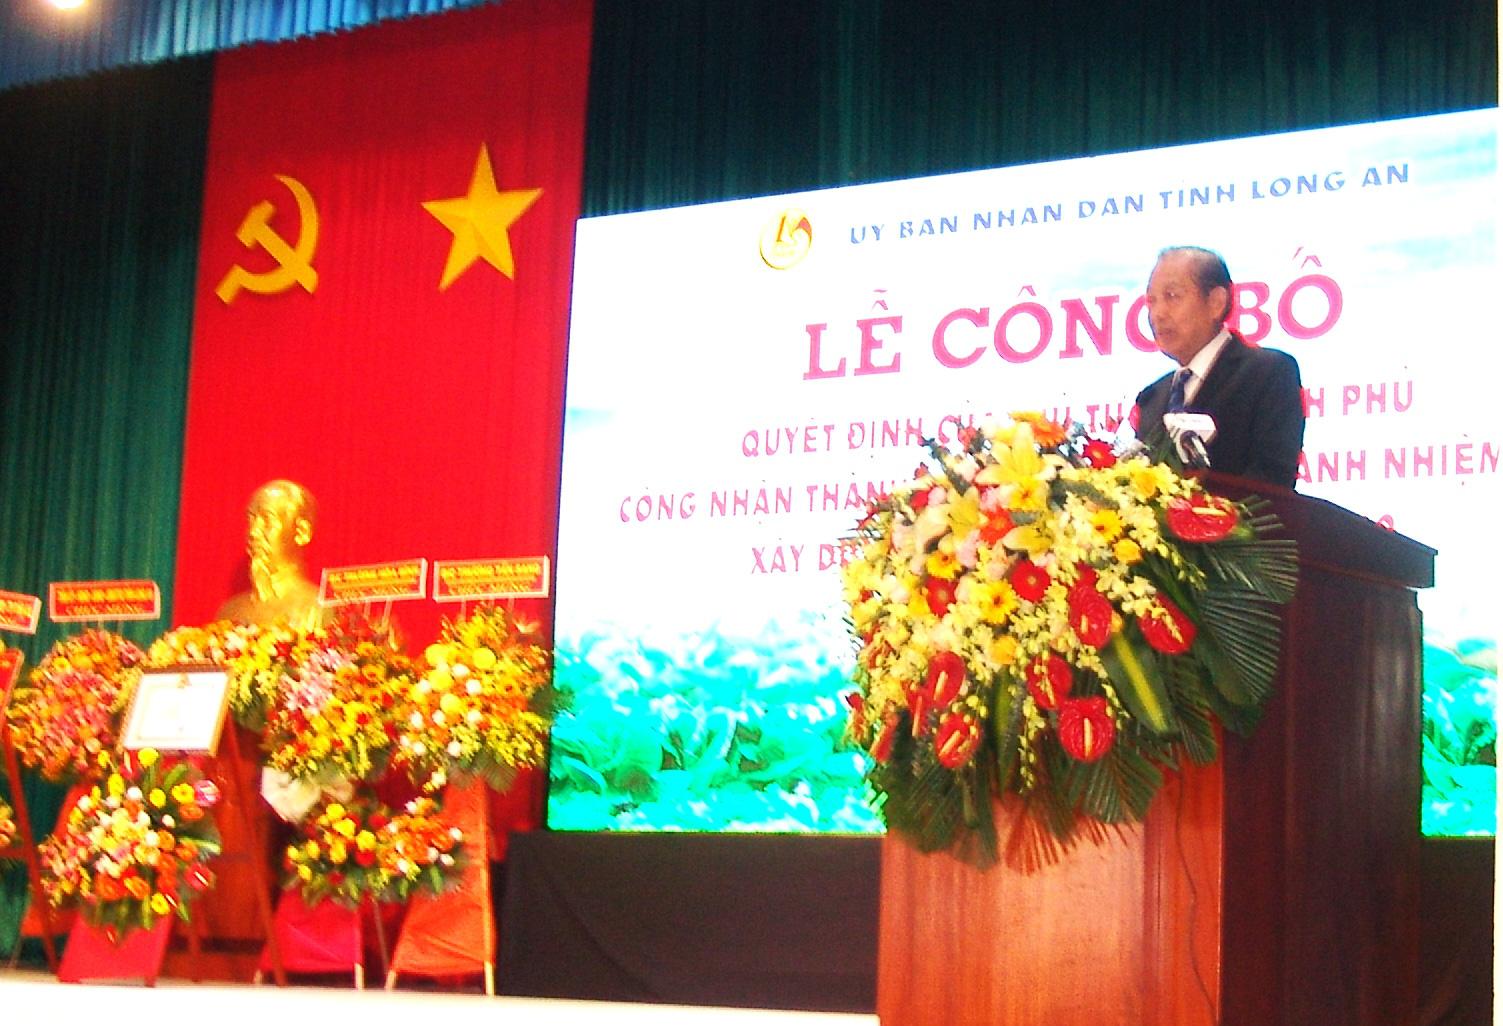 Long An Giã từ cây lúa nông dân thành phố Tân An trồng cây gì để nông thôn cửa ngõ miền Tây bừng sáng